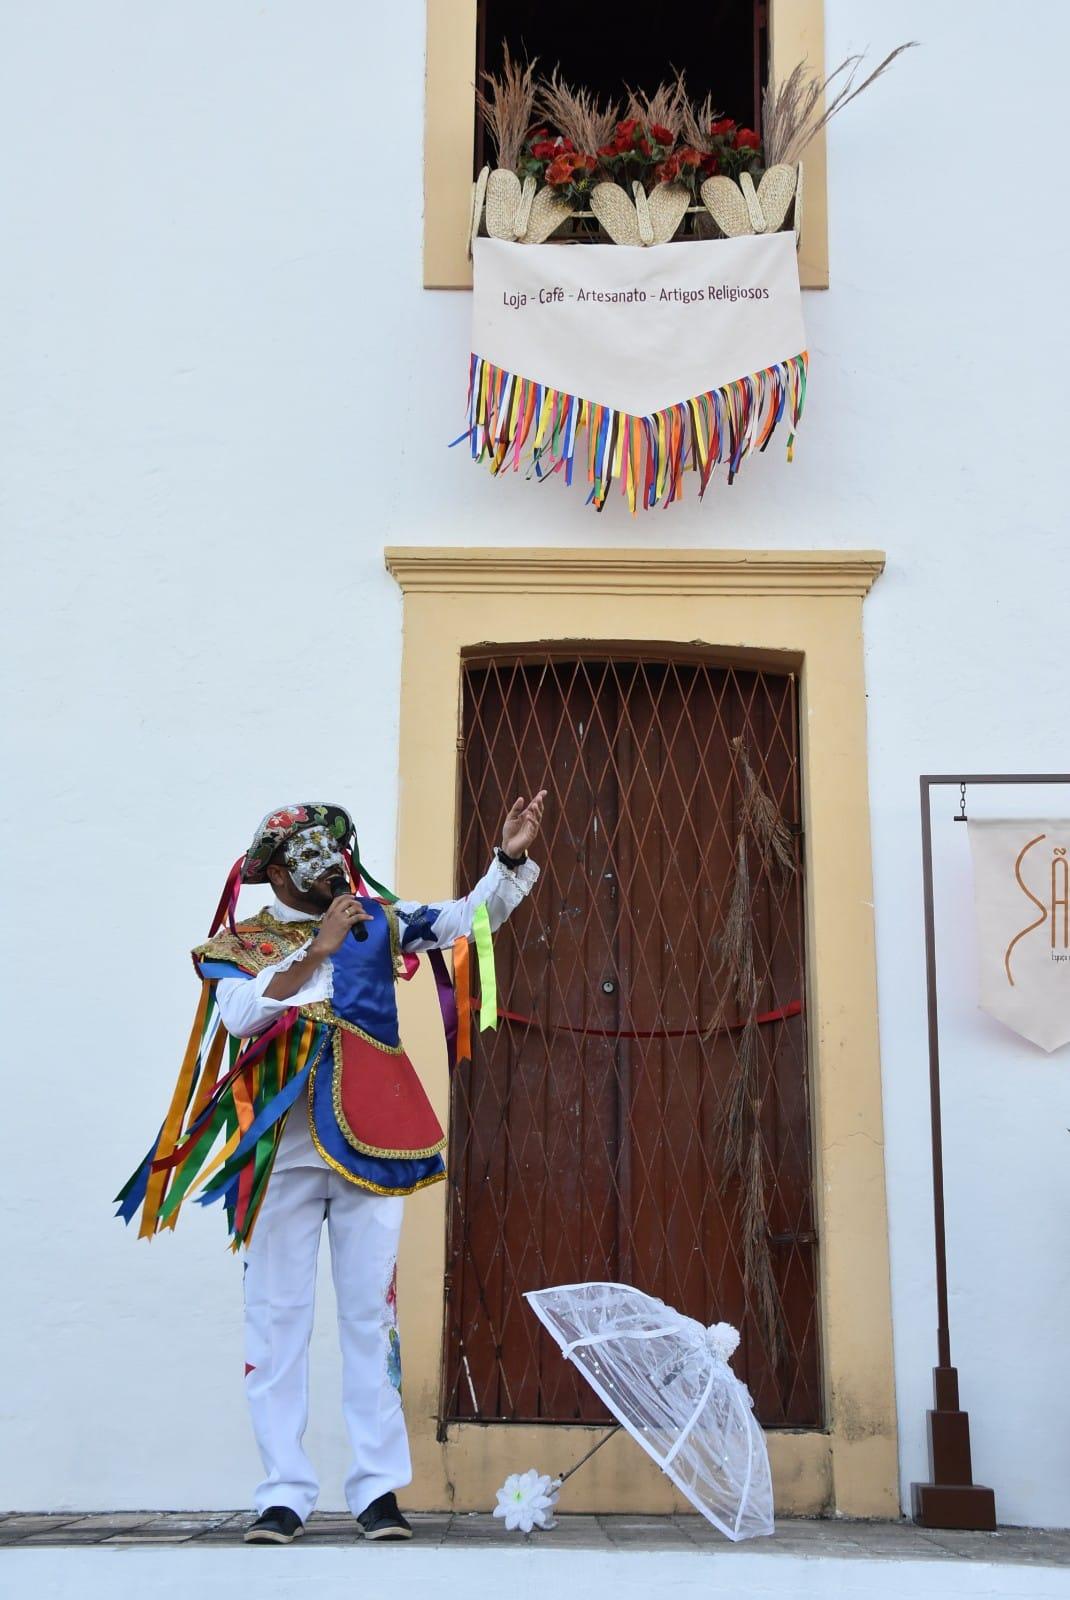 Lugares de Charme: São Gonçalo ganha espaço de valorização cultural e arte colonial